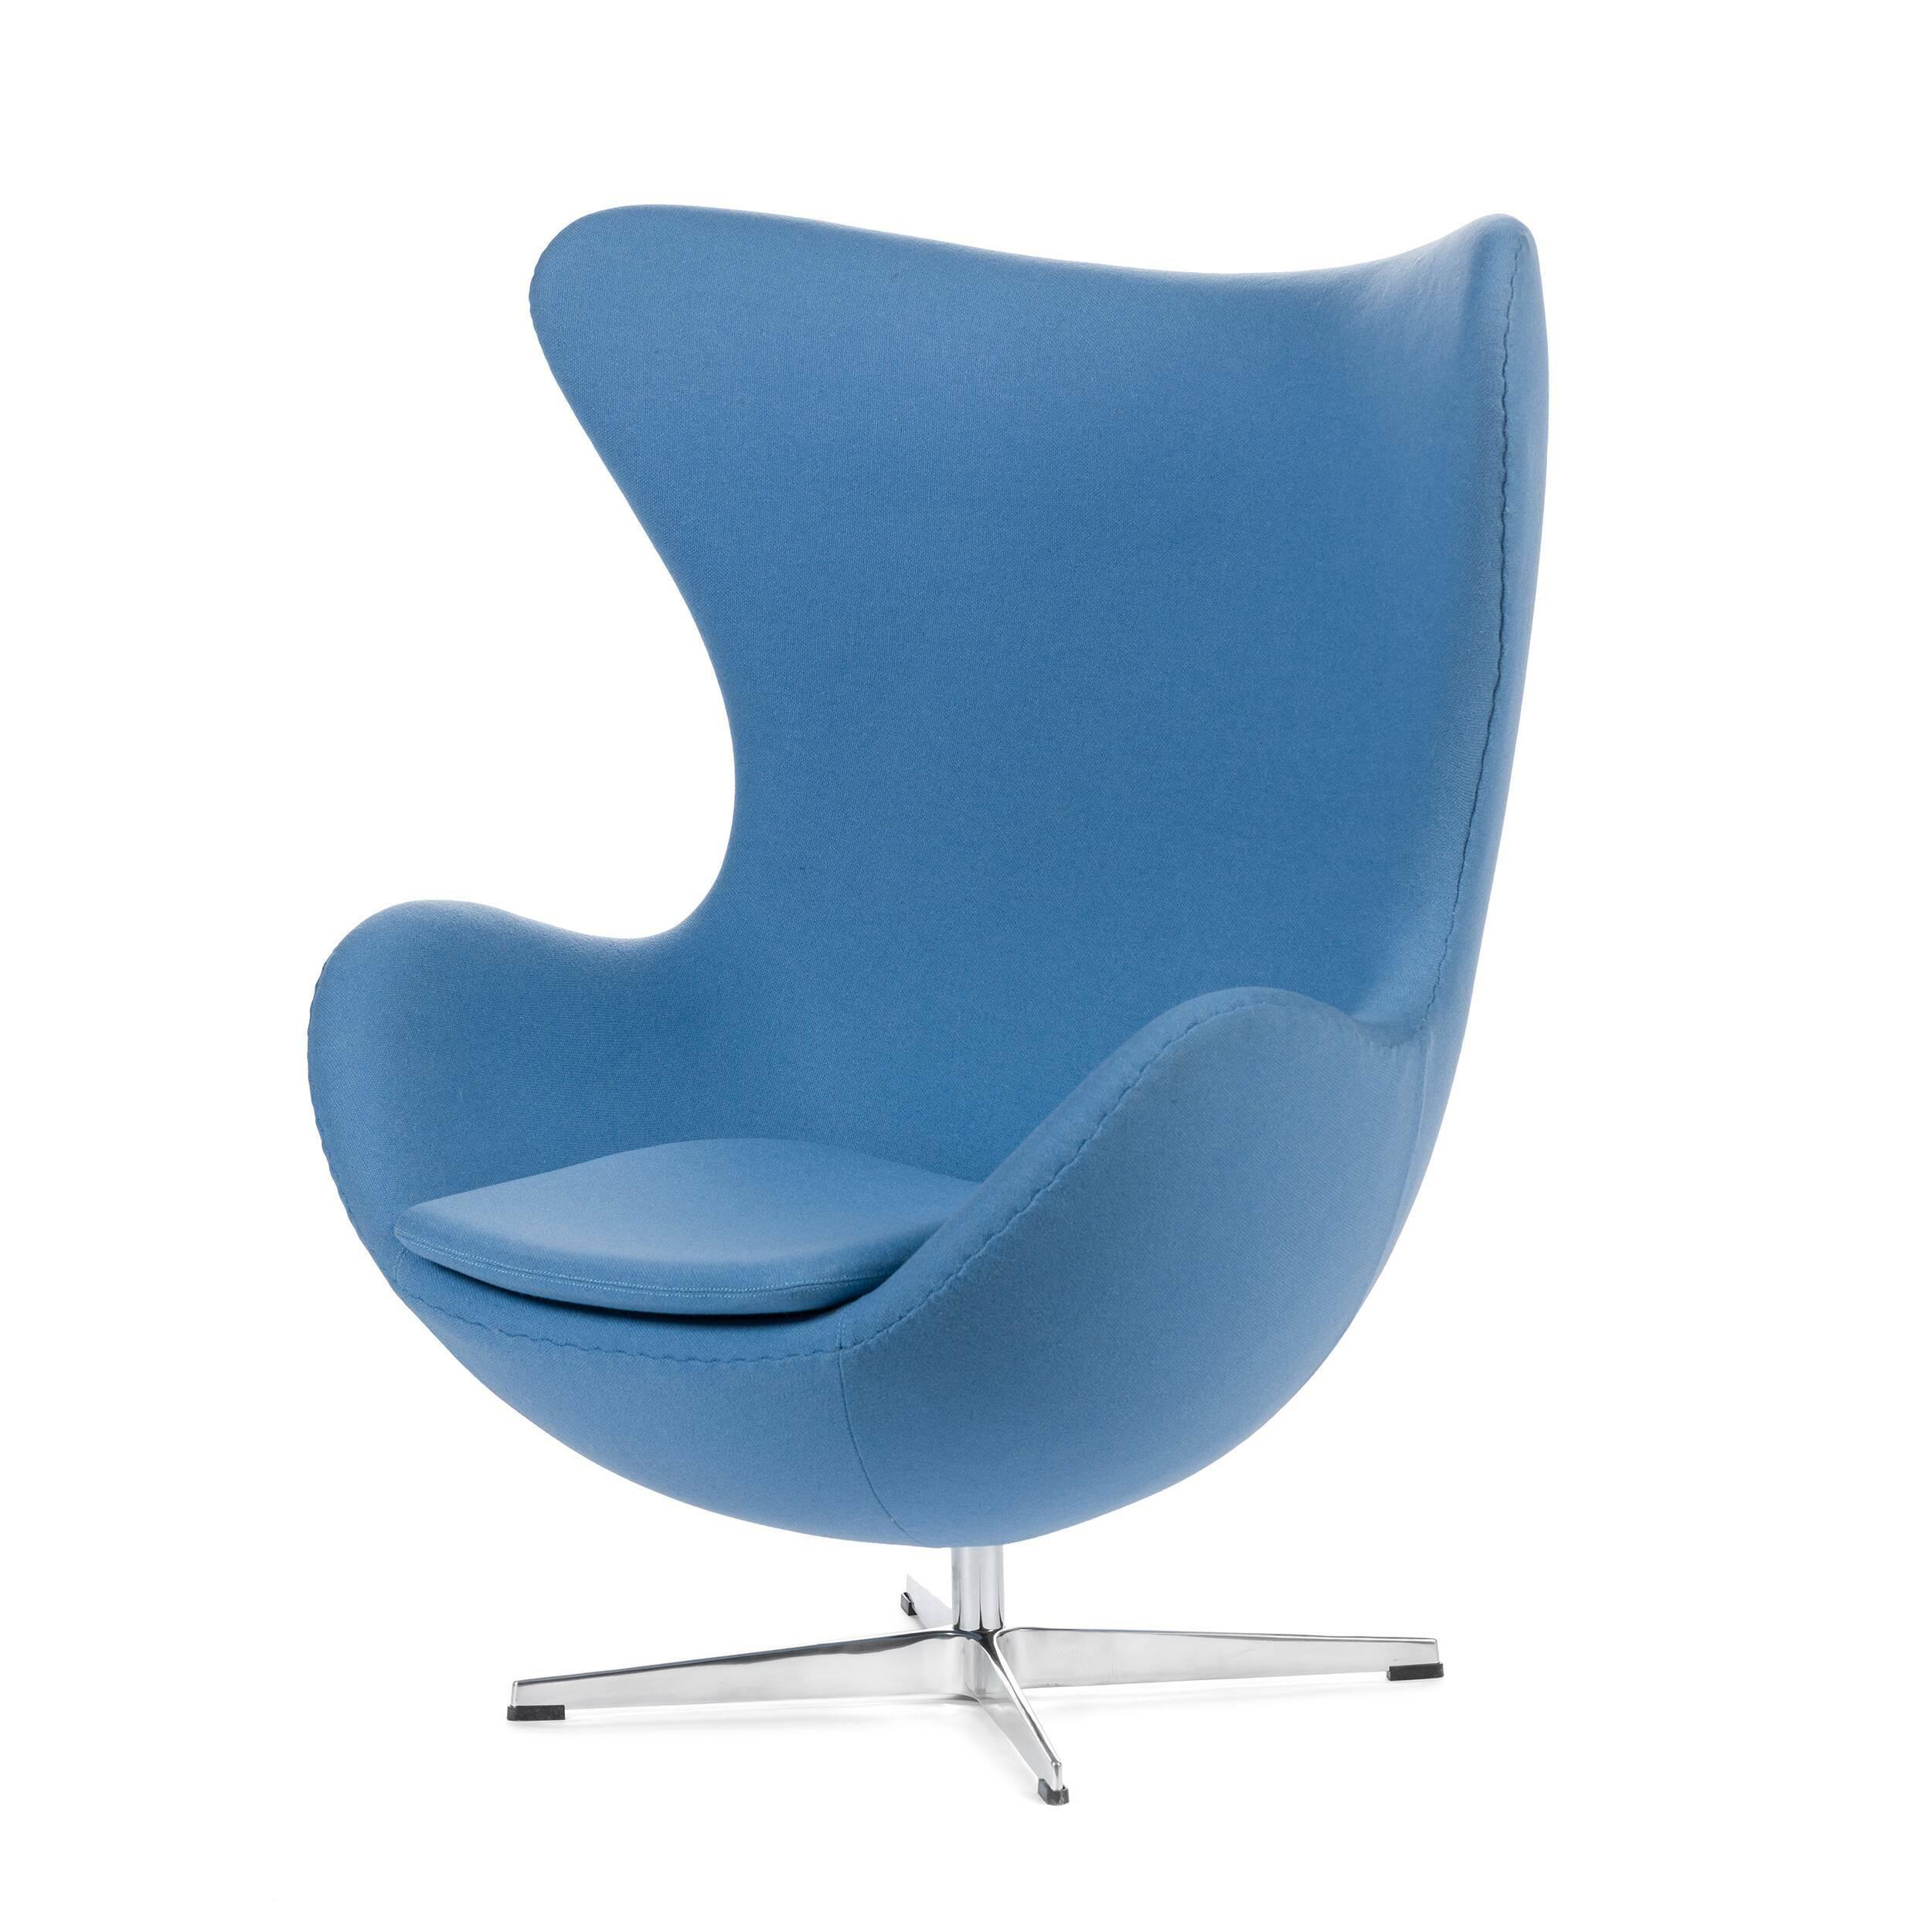 Кресло EggИнтерьерные<br>Дизайнерское комфортное кресло Egg (Эгг) в форме яйца на узкой ножке от Cosmo (Космо).<br><br><br> Кресло, своими очертаниями напоминающее яйцо, — одно из самых известных творений датского дизайнера Арне Якобсена. Вряд ли оно когда-нибудь выйдет из моды — уж слишком велик диапазон его интерьерных возможностей. Кроме того, обыгрывать данную форму помогают различные фактуры и цвета обивок.<br><br><br> Особенно приятно и солидно смотрится оригинальное кресло Egg в обивке из натуральной кожи, представлен...<br><br>stock: 1<br>Высота: 105,5<br>Высота сиденья: 41<br>Ширина: 87<br>Глубина: 82<br>Цвет ножек: Хром<br>Материал обивки: Шерсть, Нейлон<br>Коллекция ткани: T Fabric<br>Тип материала обивки: Ткань<br>Тип материала ножек: Алюминий<br>Цвет обивки: Светло-голубой